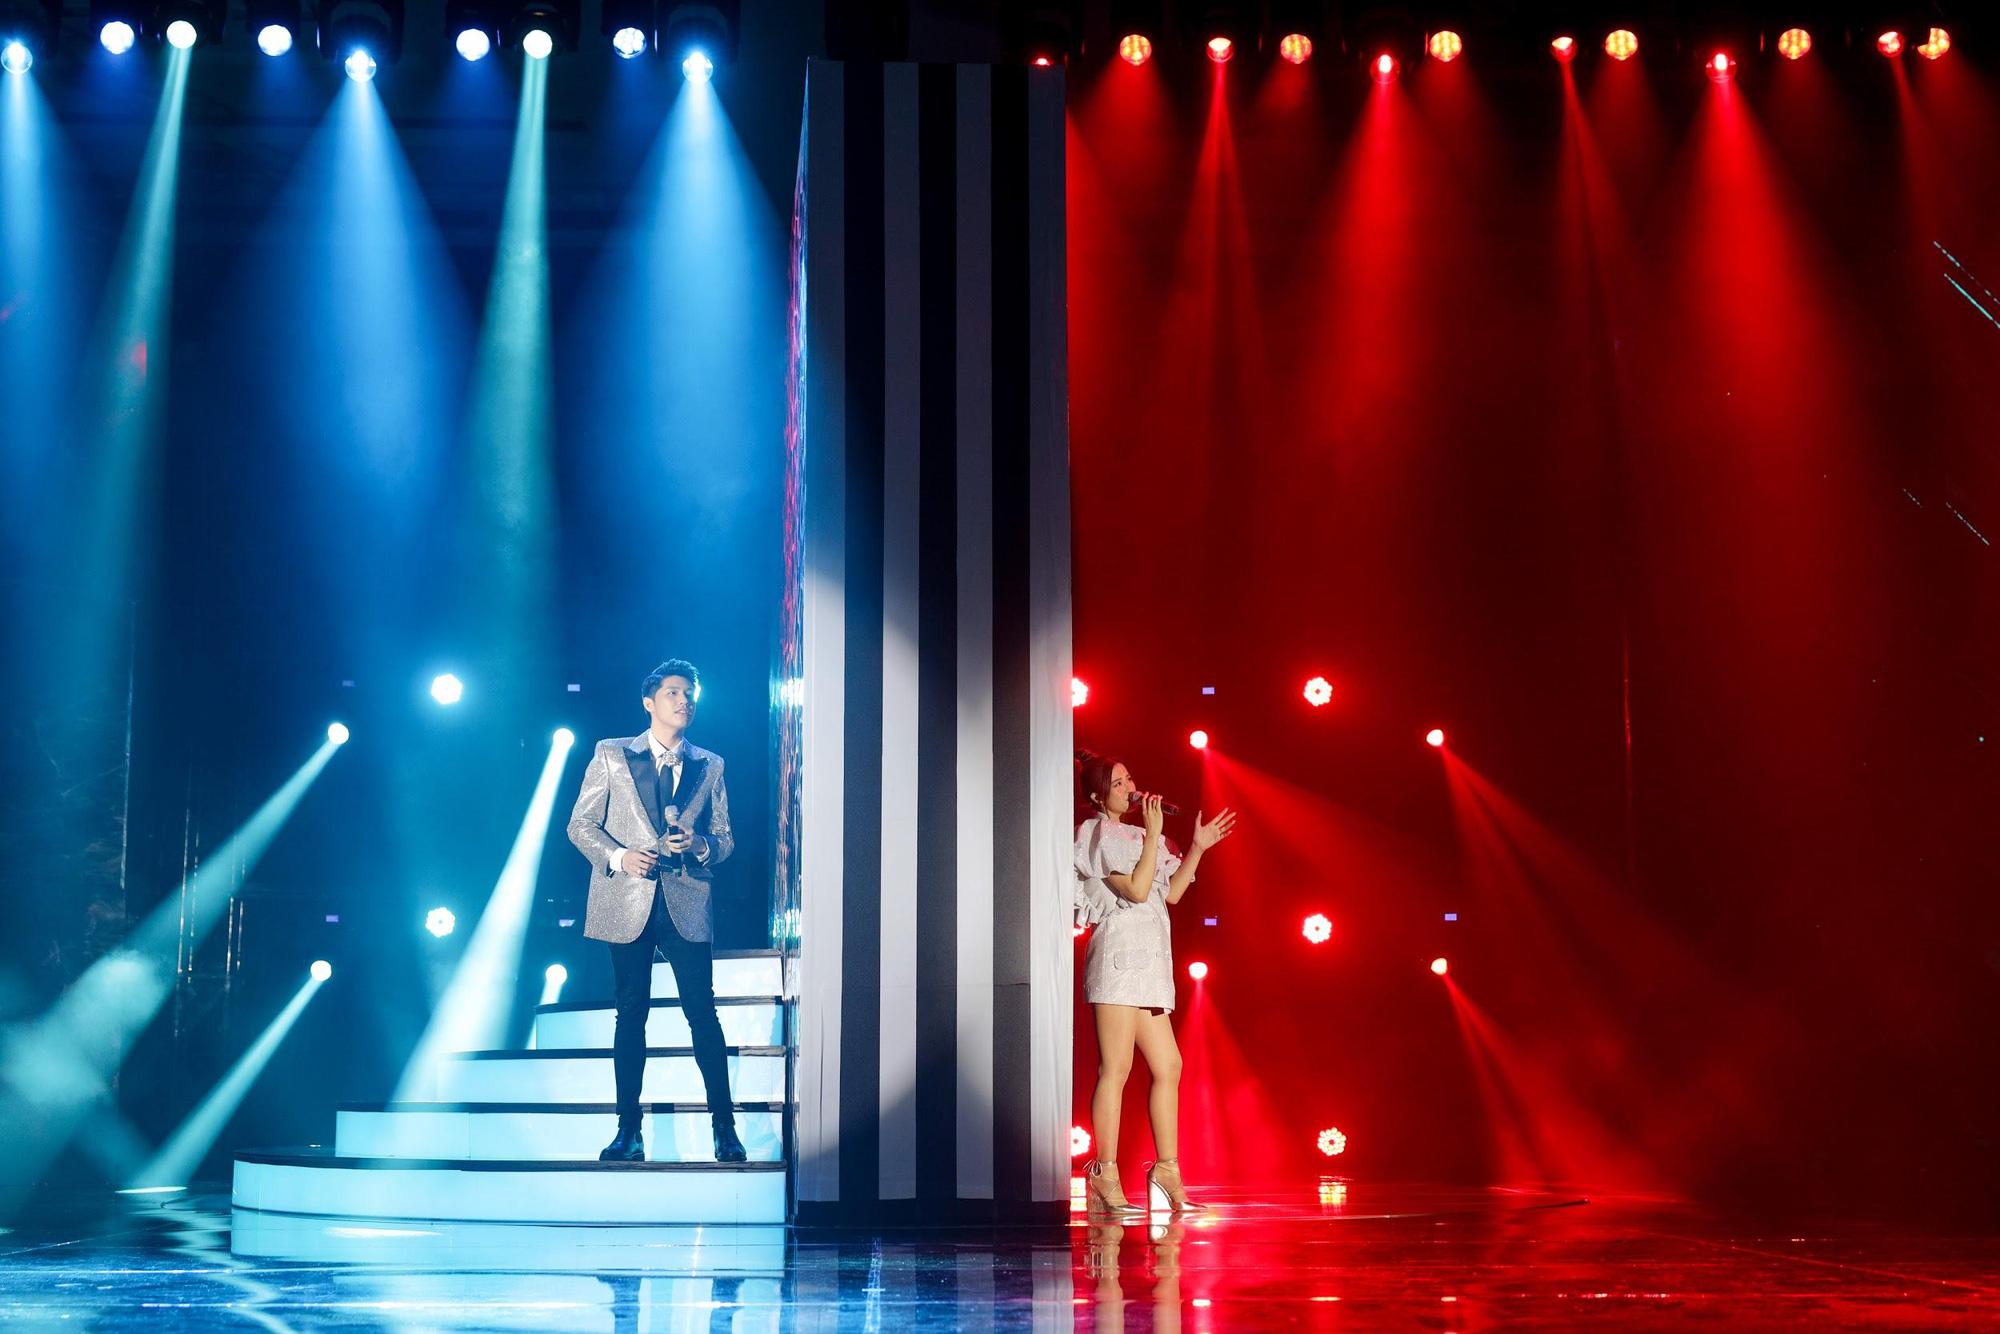 Loạt ảnh mới nhất xinh lung linh của Đông Nhi, Noo Phước Thịnh khiến khán giả trầm trồ trong đêm Gala Secret Concert – Chill Cùng Acecook - Ảnh 6.